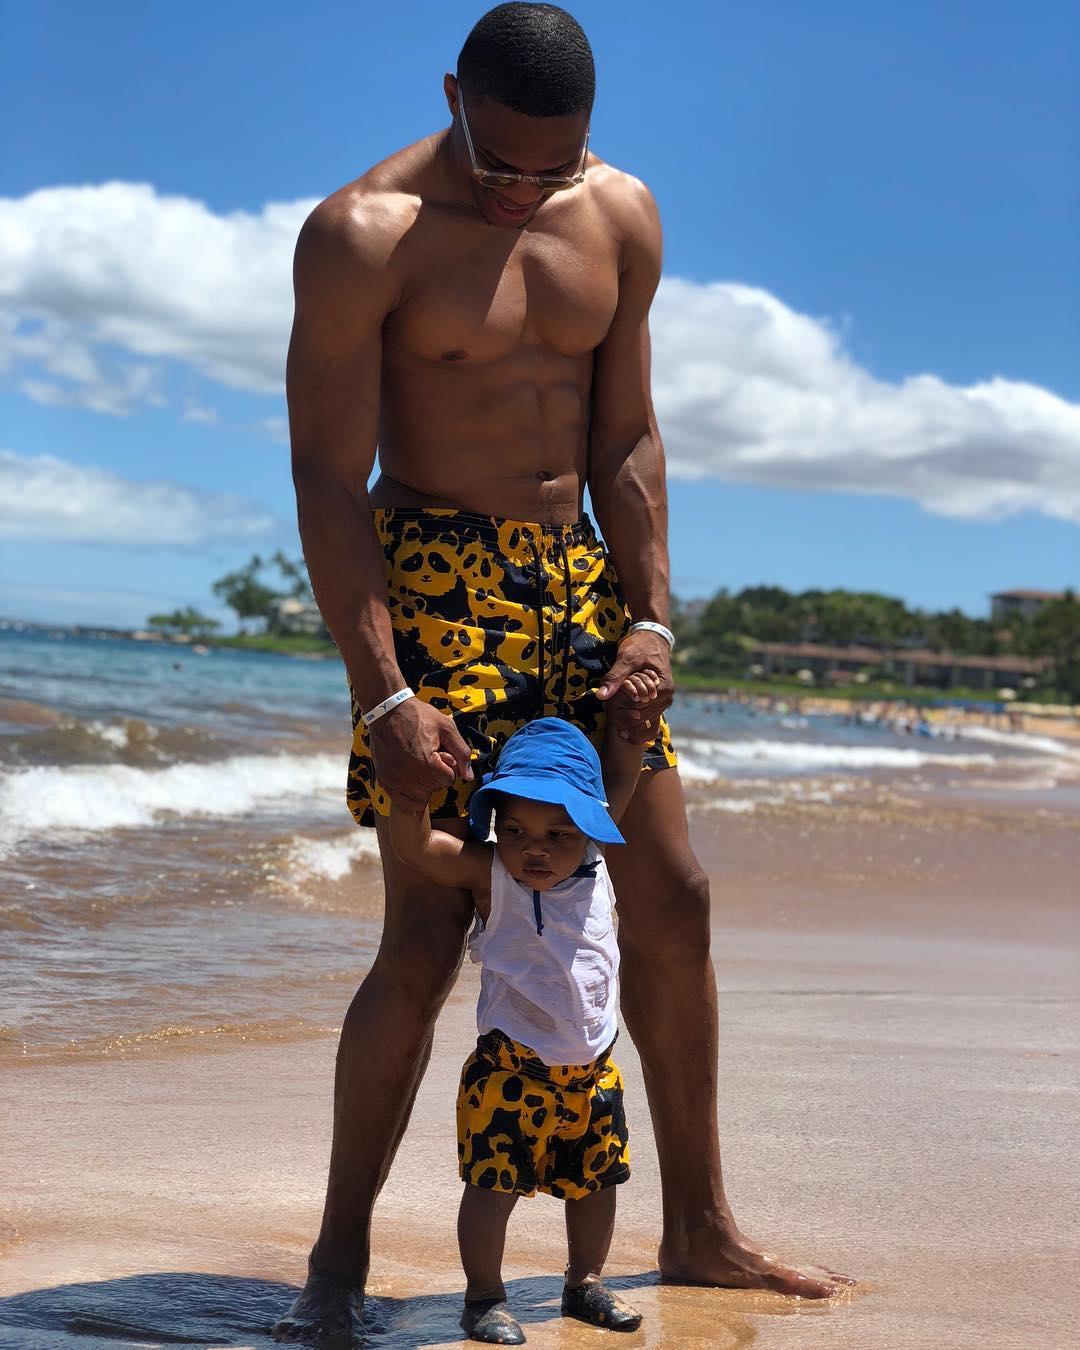 威斯布鲁克晒出自己与儿子的合照:Noah的海滩日